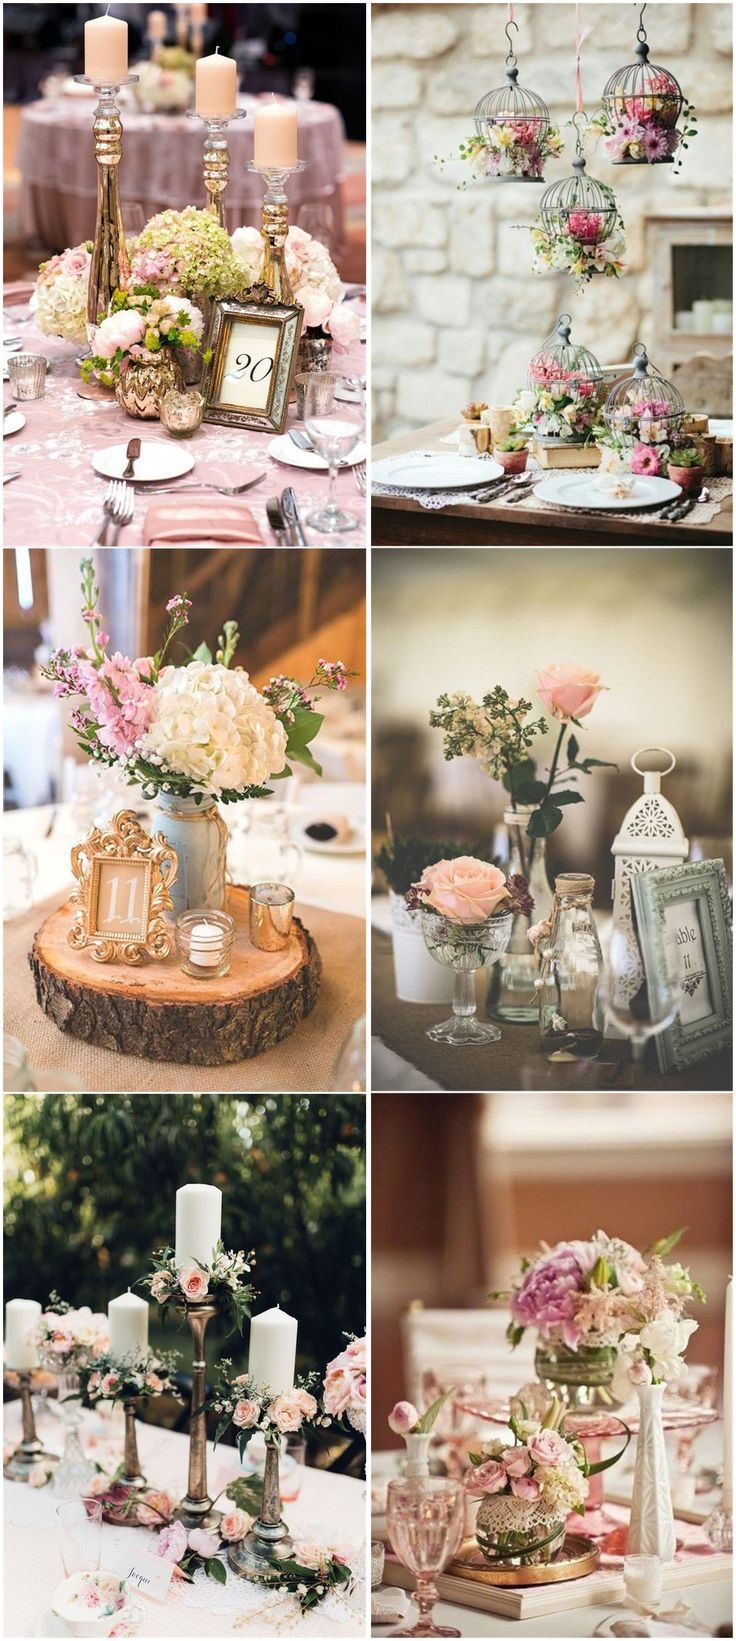 Vintage-Hochzeiten »26 Vintage-Hochzeitsmittelstücke, die Ihre Hochzeit zu einem unvergesslichen Erlebnis machen – hochzeitsdekoration